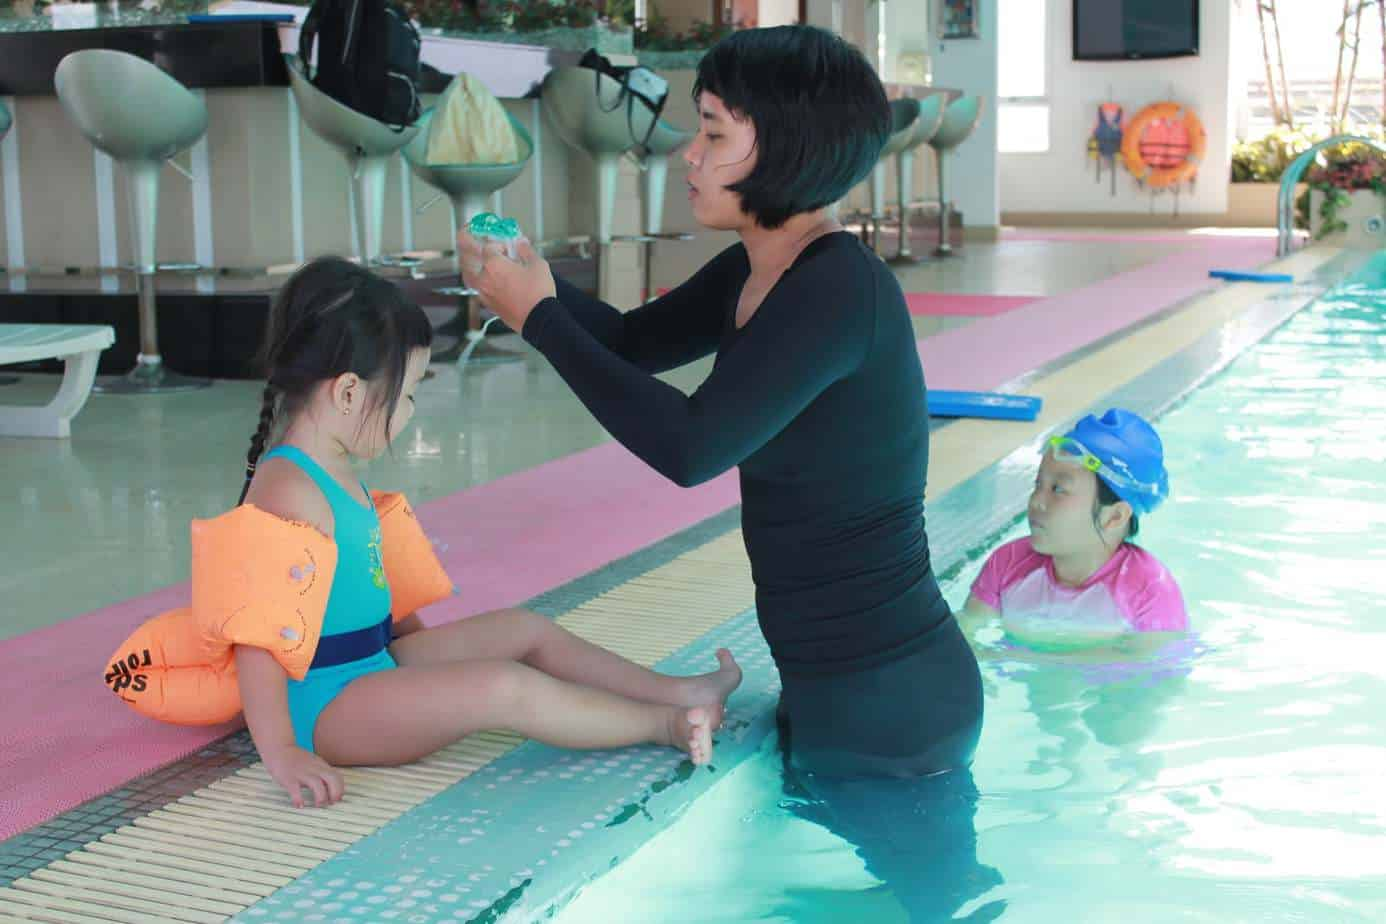 Top 10 Trung Tâm Dạy Bơi Chuyên Nghiệp Cho Trẻ Em Ở Tp.HCM - trung tâm dạy bơi chuyên nghiệp cho trẻ em ở tphcm - Câu lạc bộ bơi lội Yết Kiêu | CLB Fosco | Hồ bơi Kỳ Đồng 25